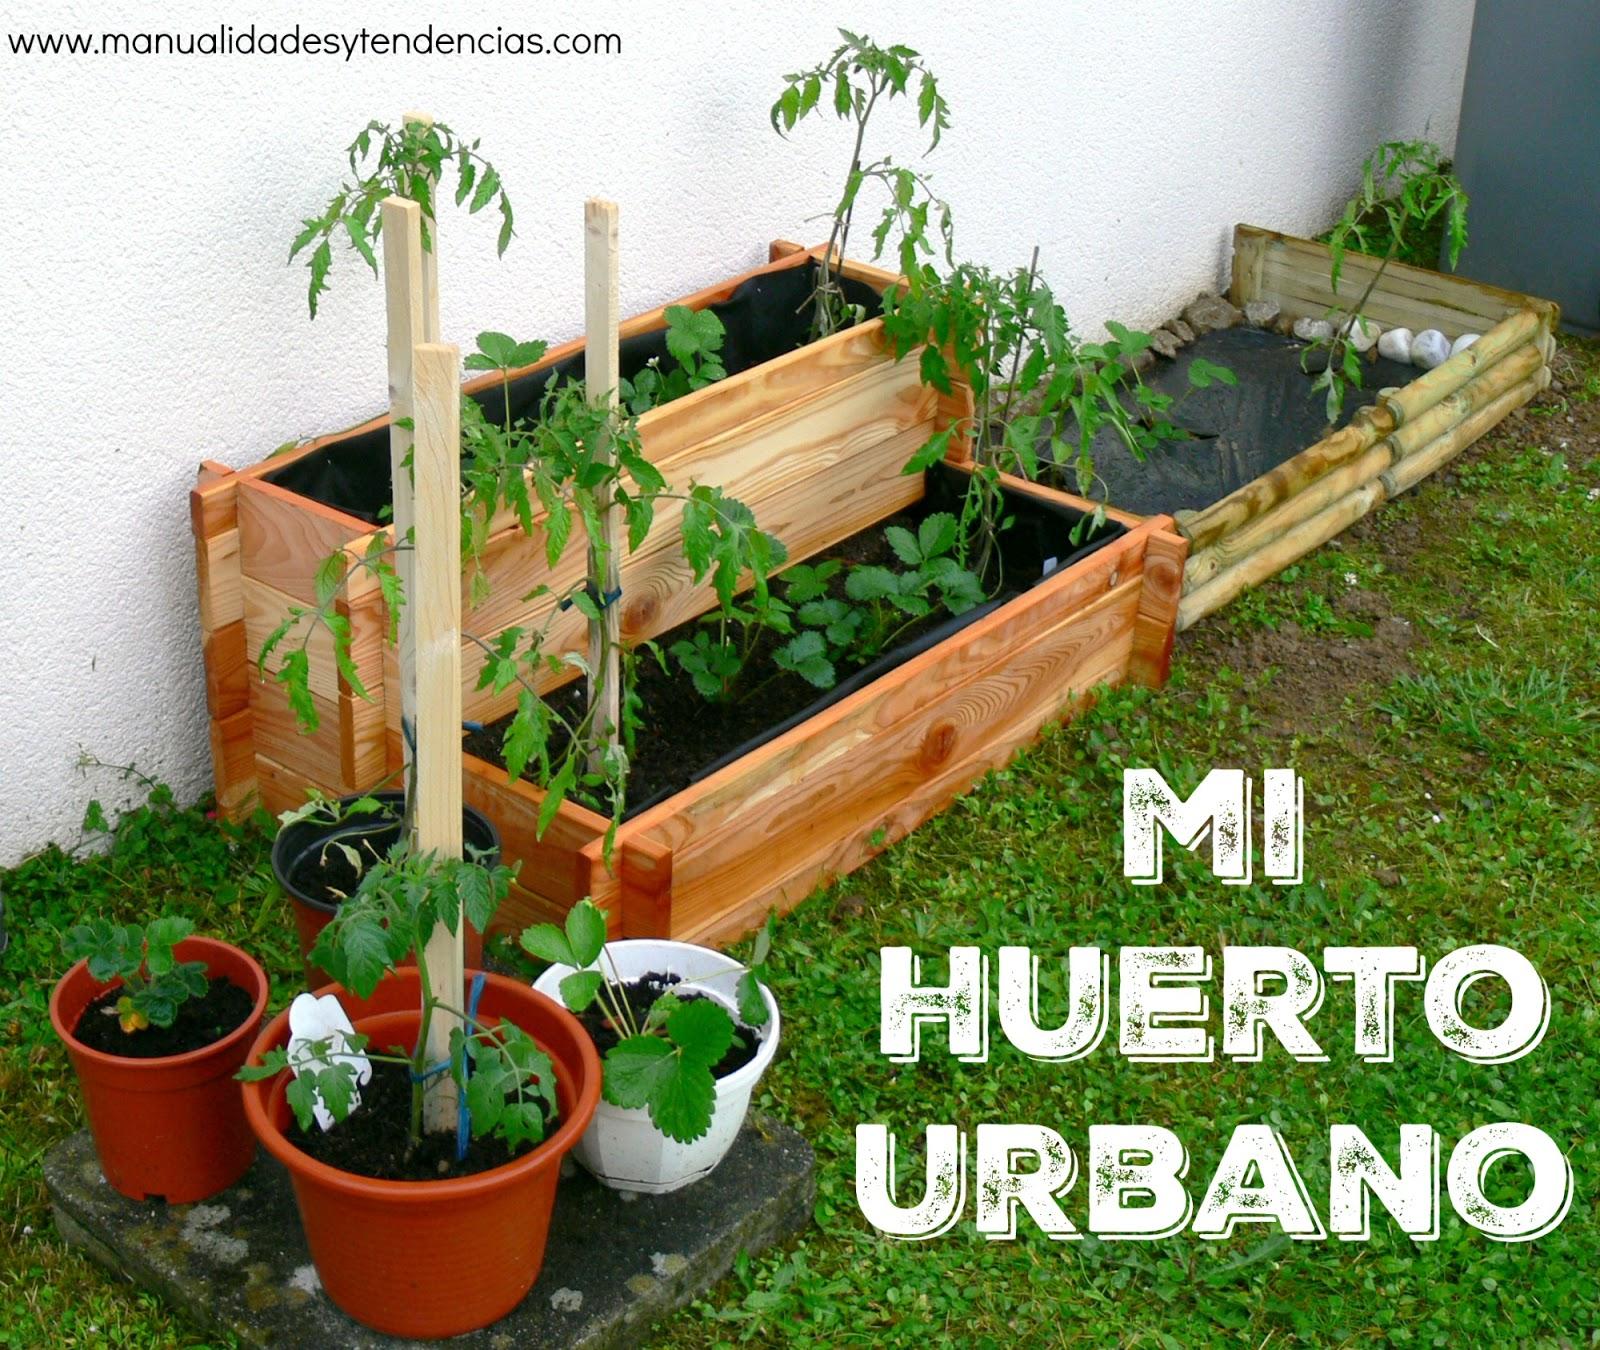 Manualidades y tendencias c mo hacer un huerto urbano - Huerto en la terraza ...